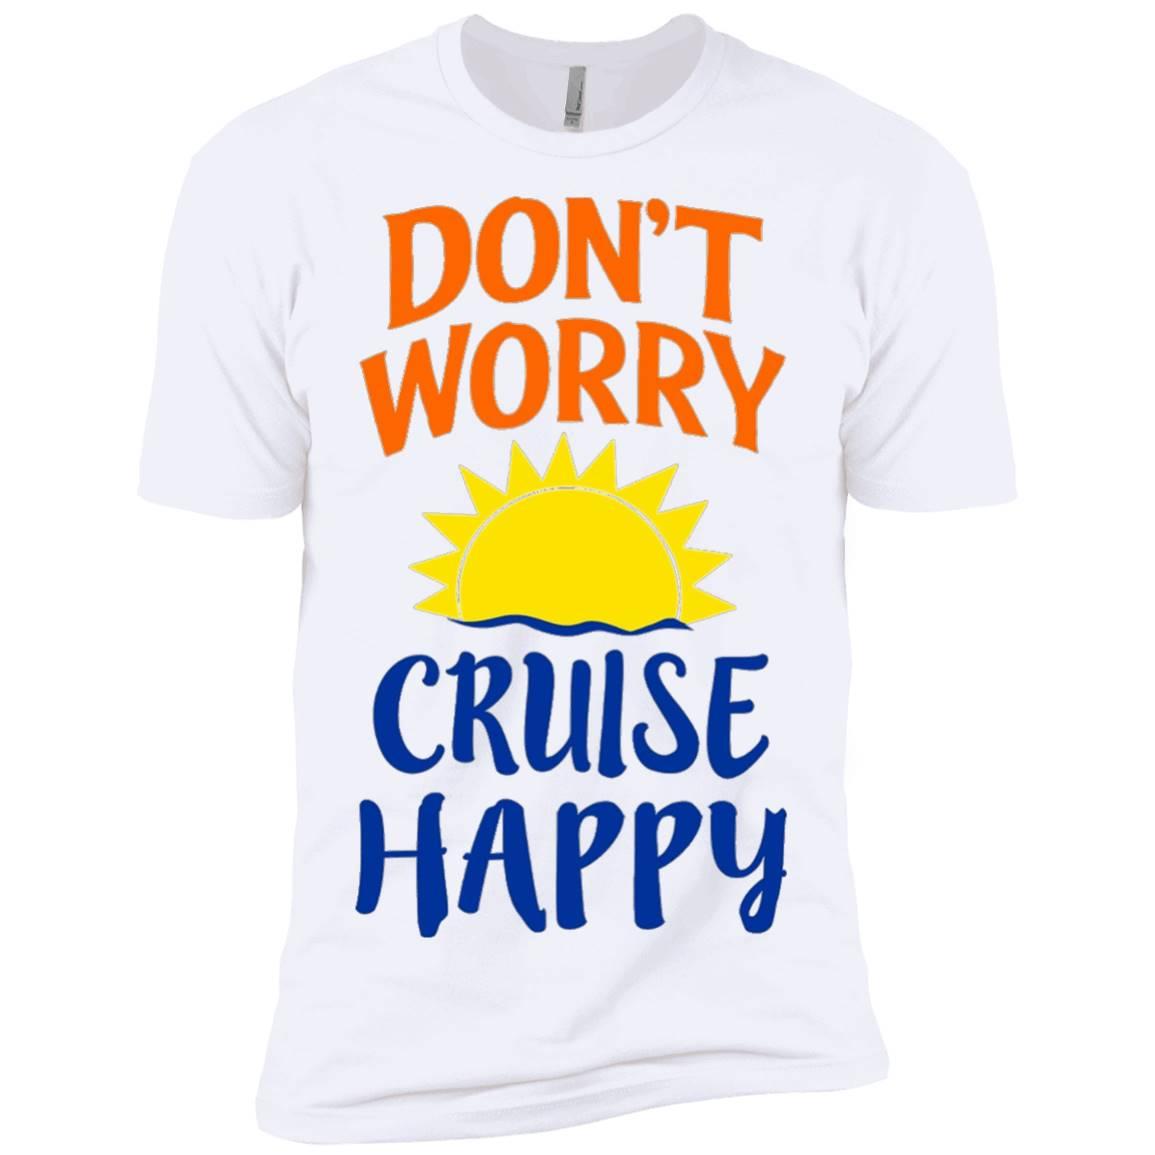 Cruise Shirt – Cruising Tshirt – Cruise Ship Shirts Tees – T-Shirt